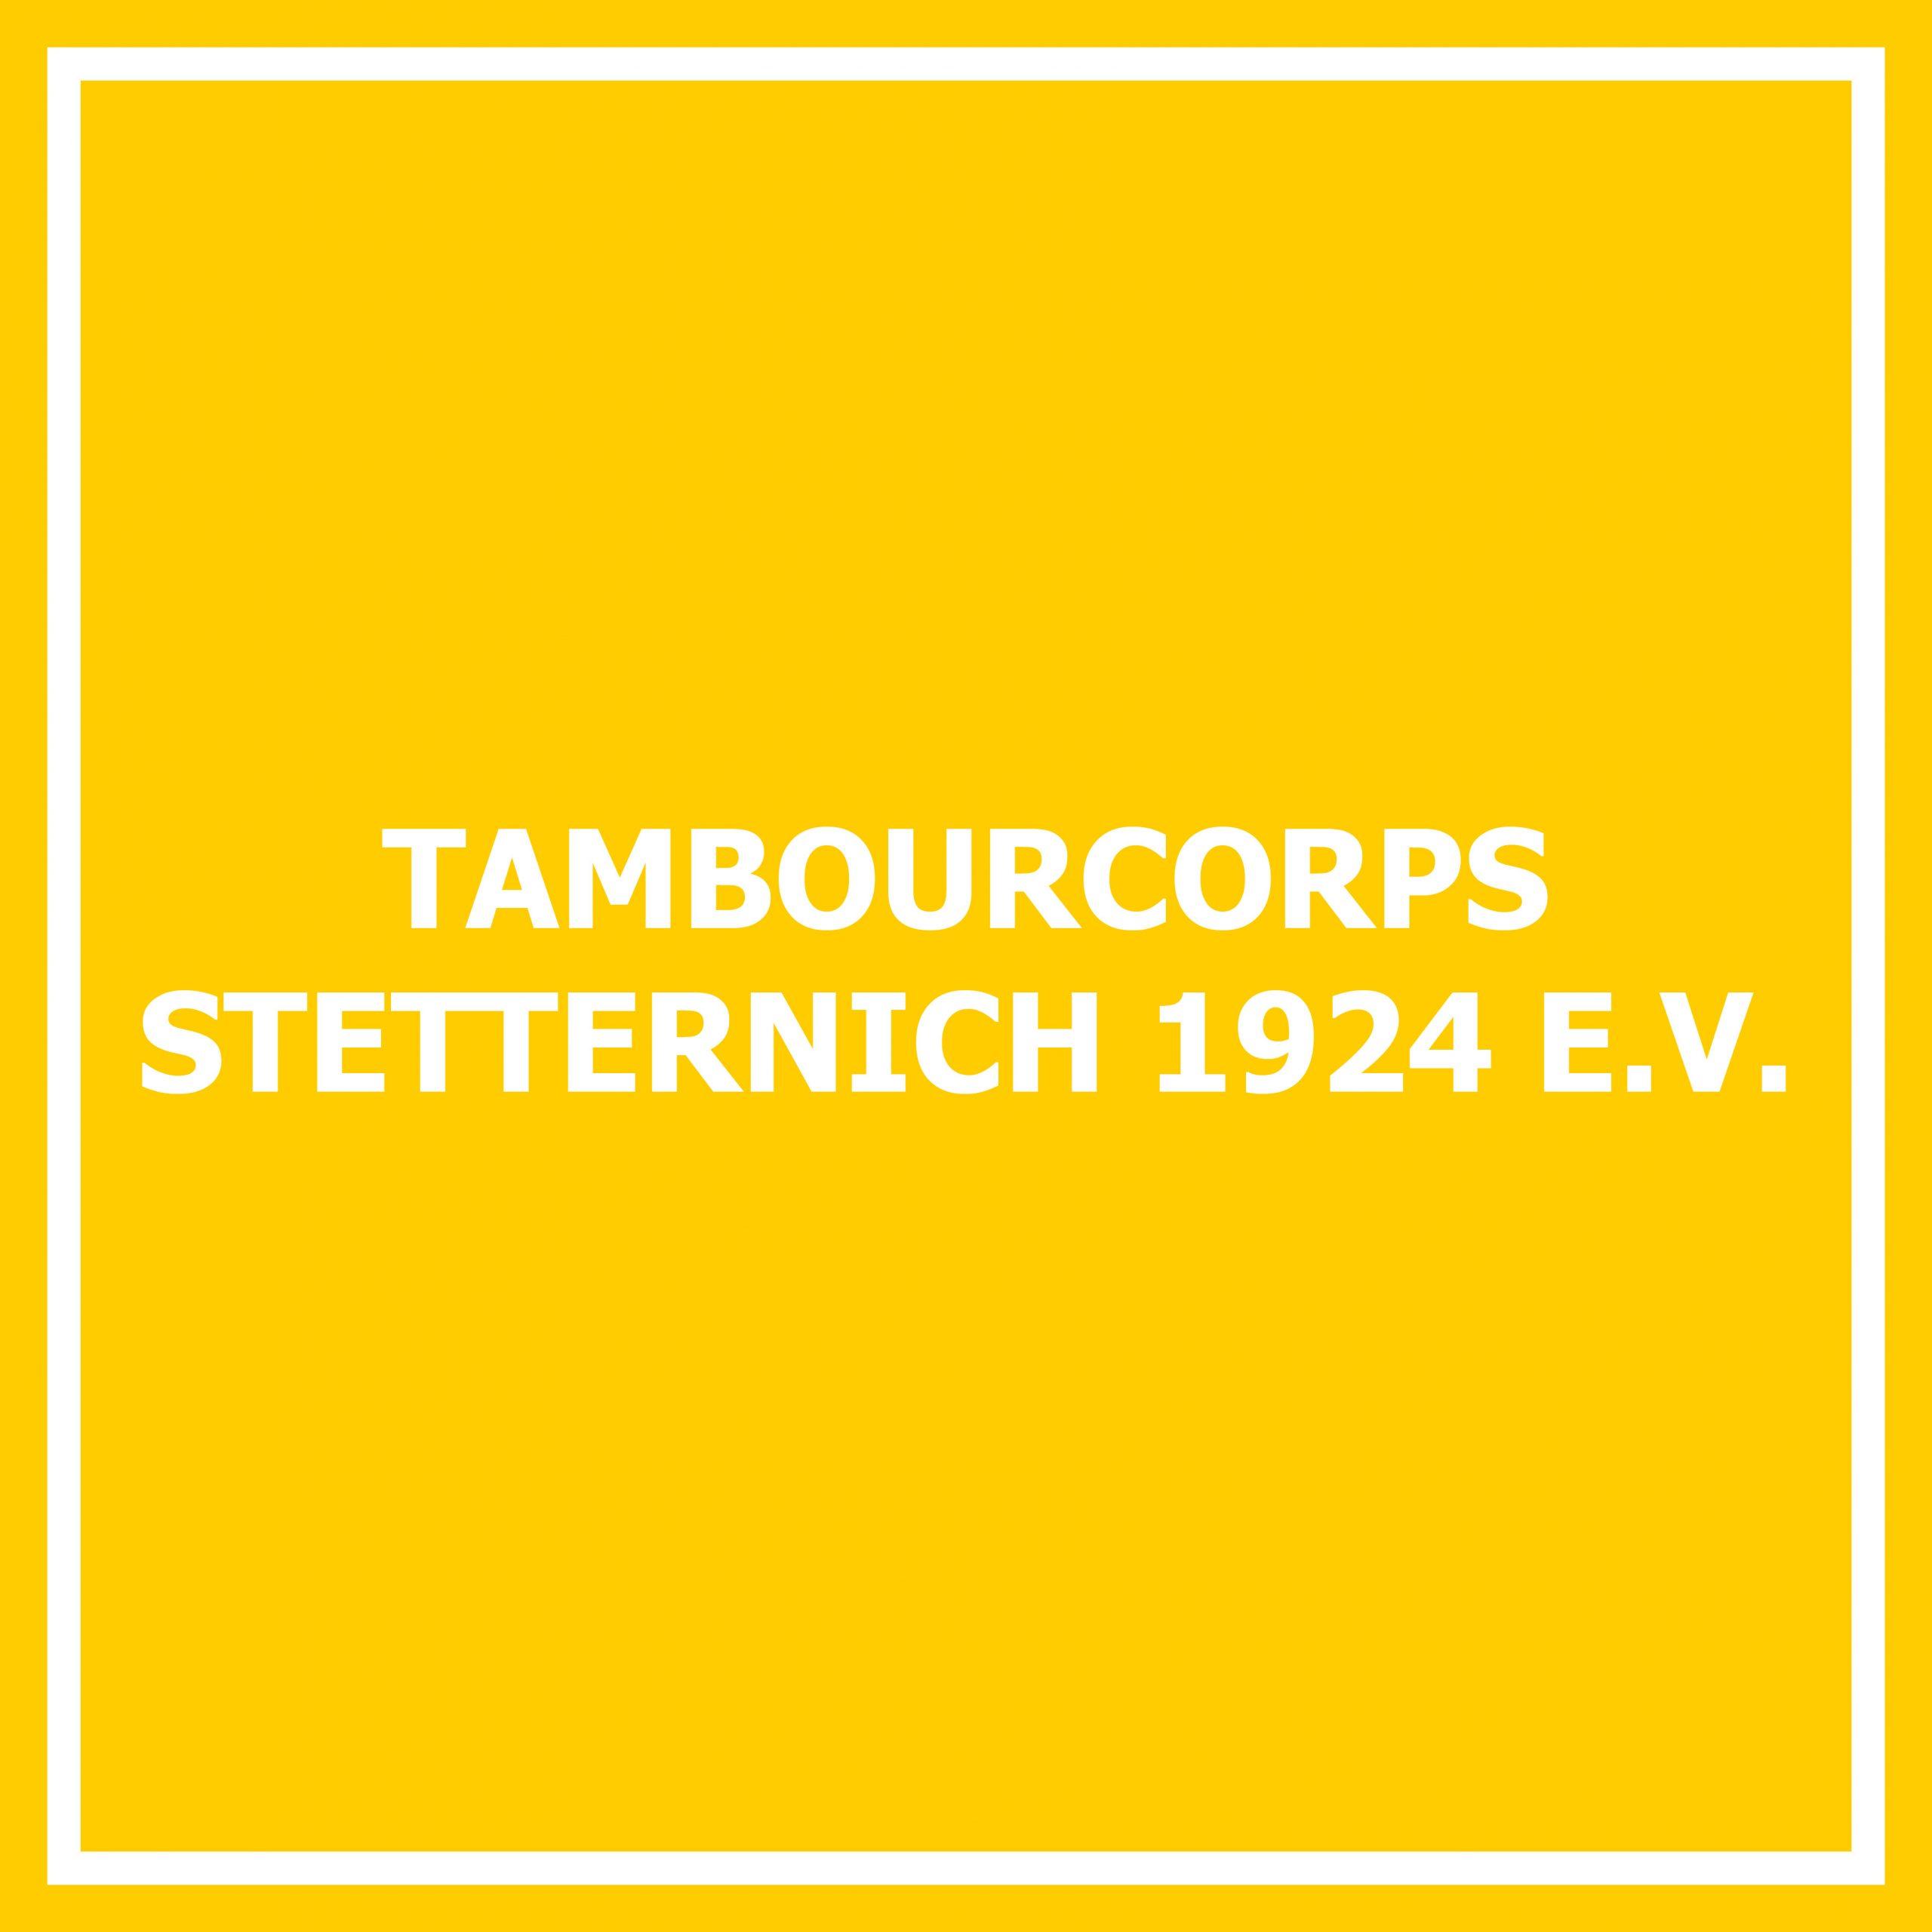 Tambourcorps Stetternich 1924 e. V.